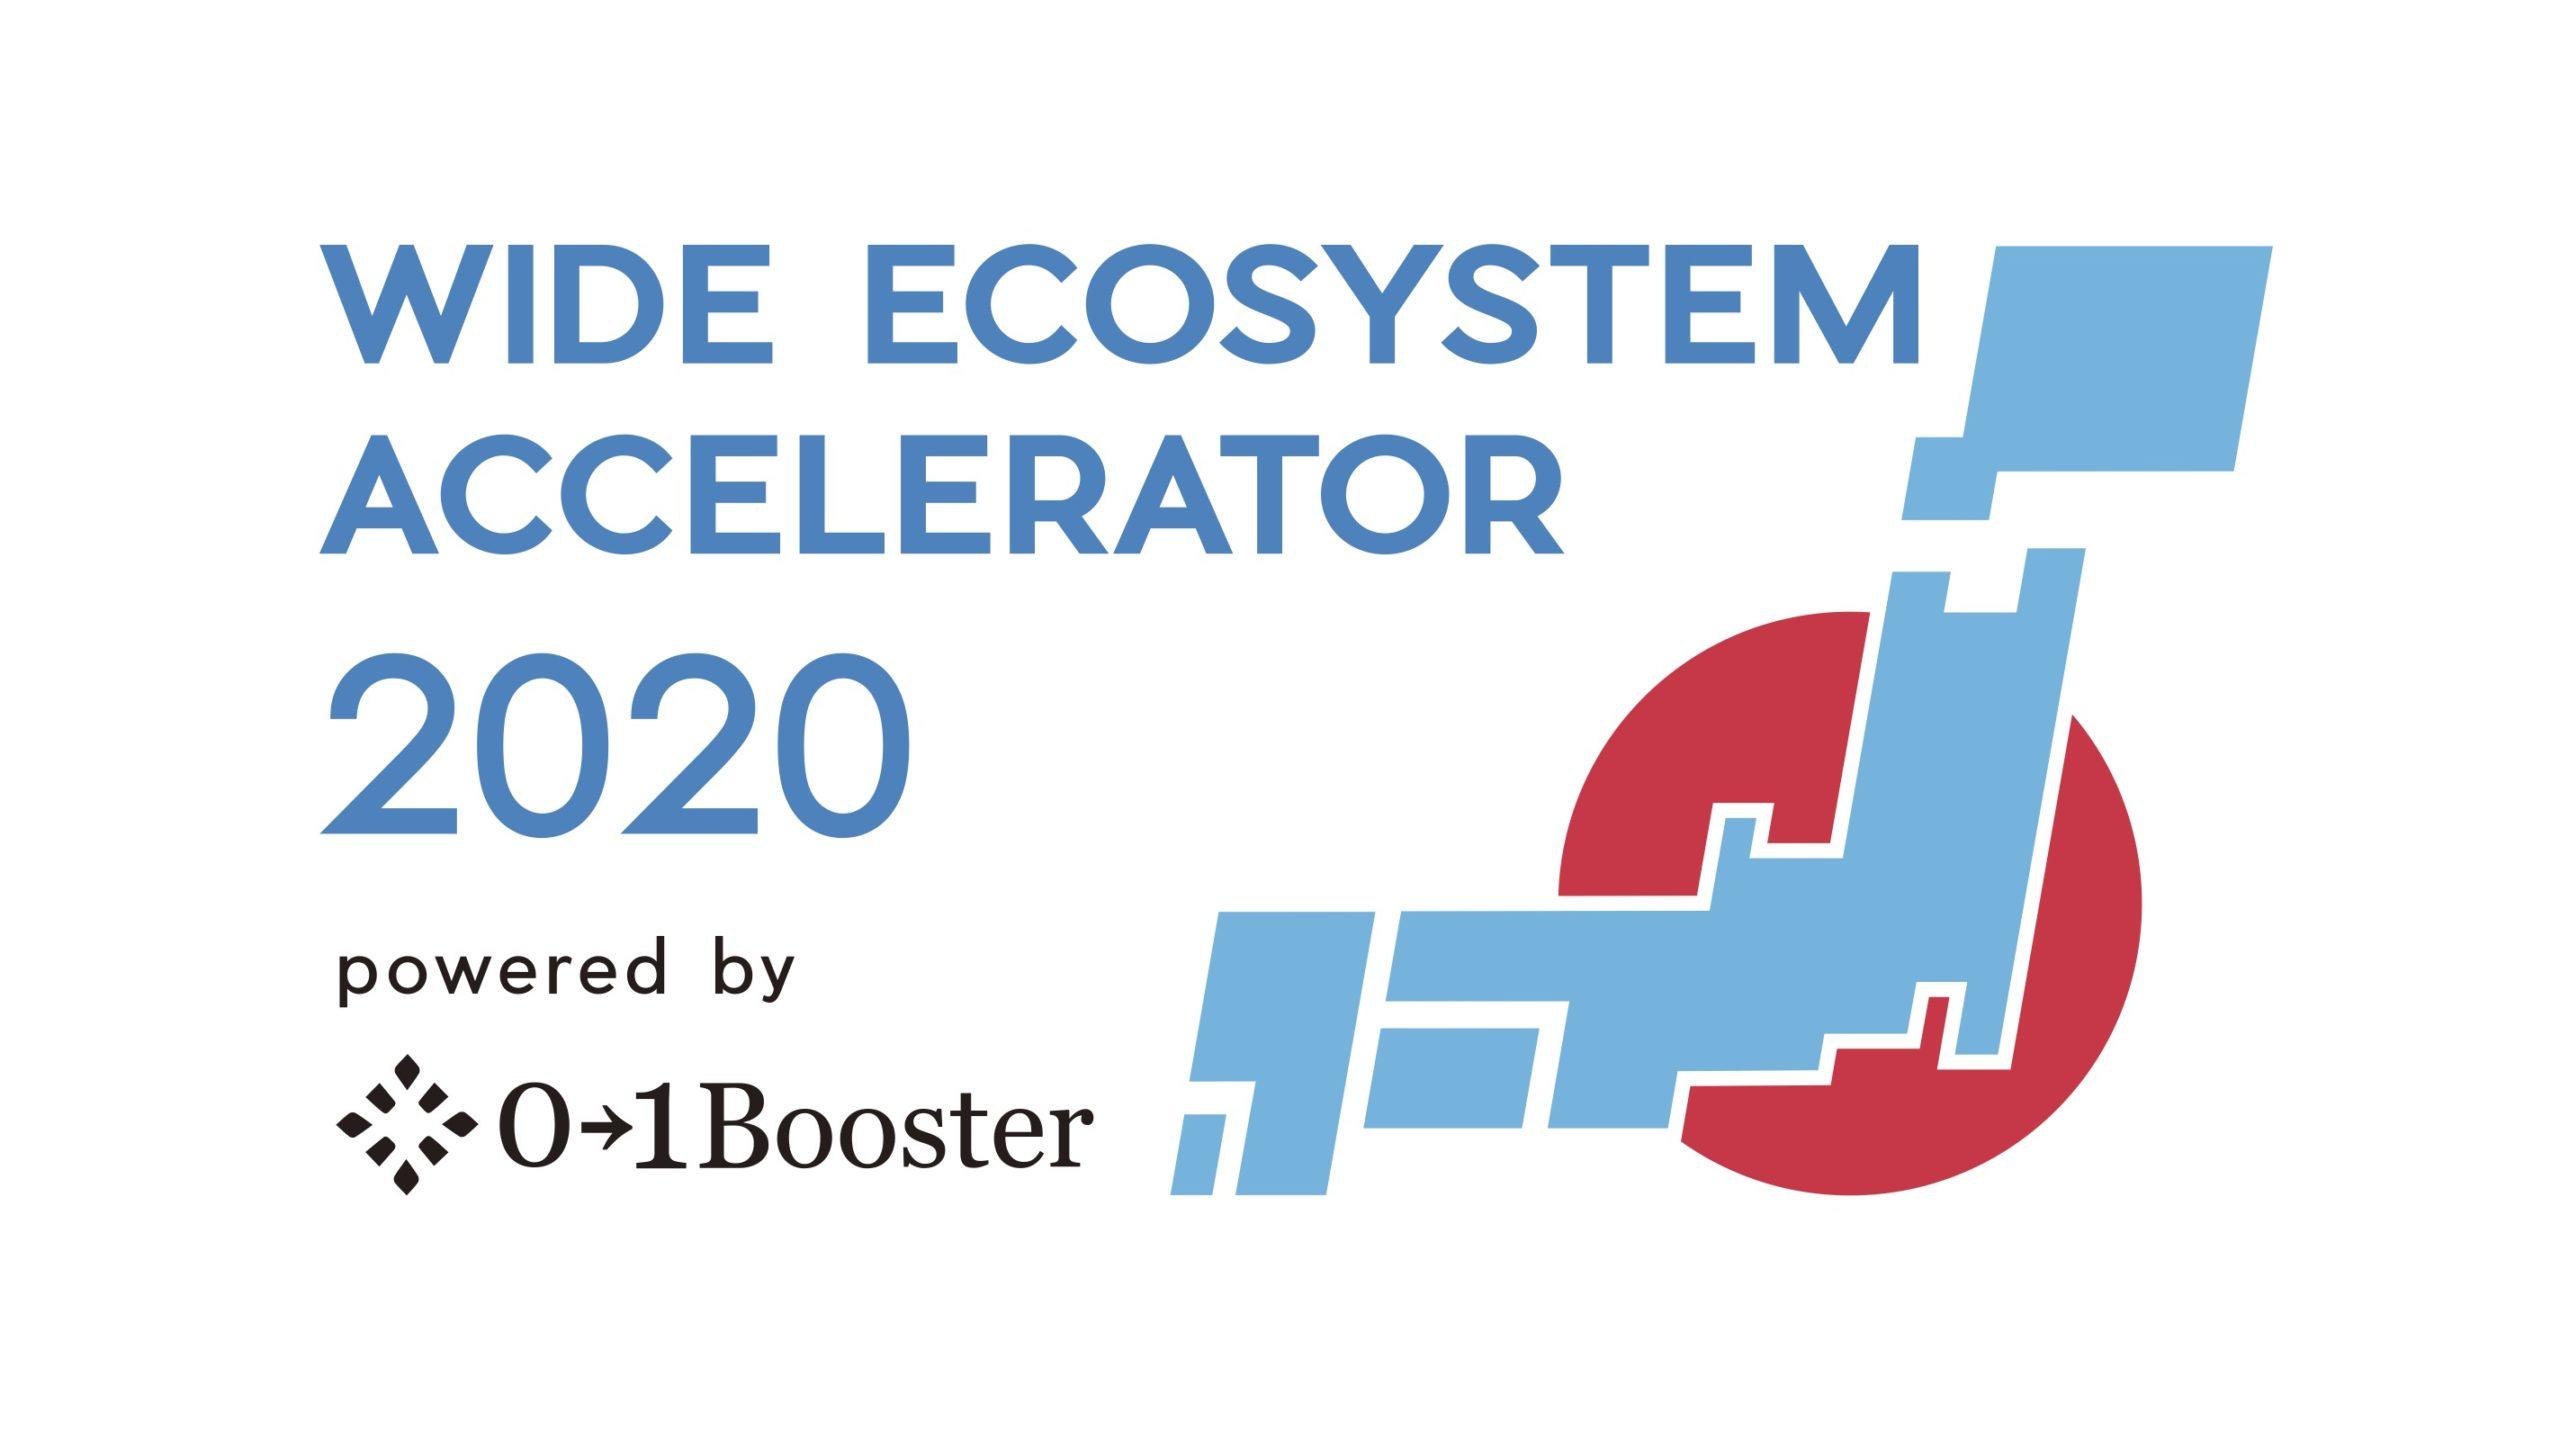 つばさ公益社 関東経済産業局広域連携アクセレーション2020